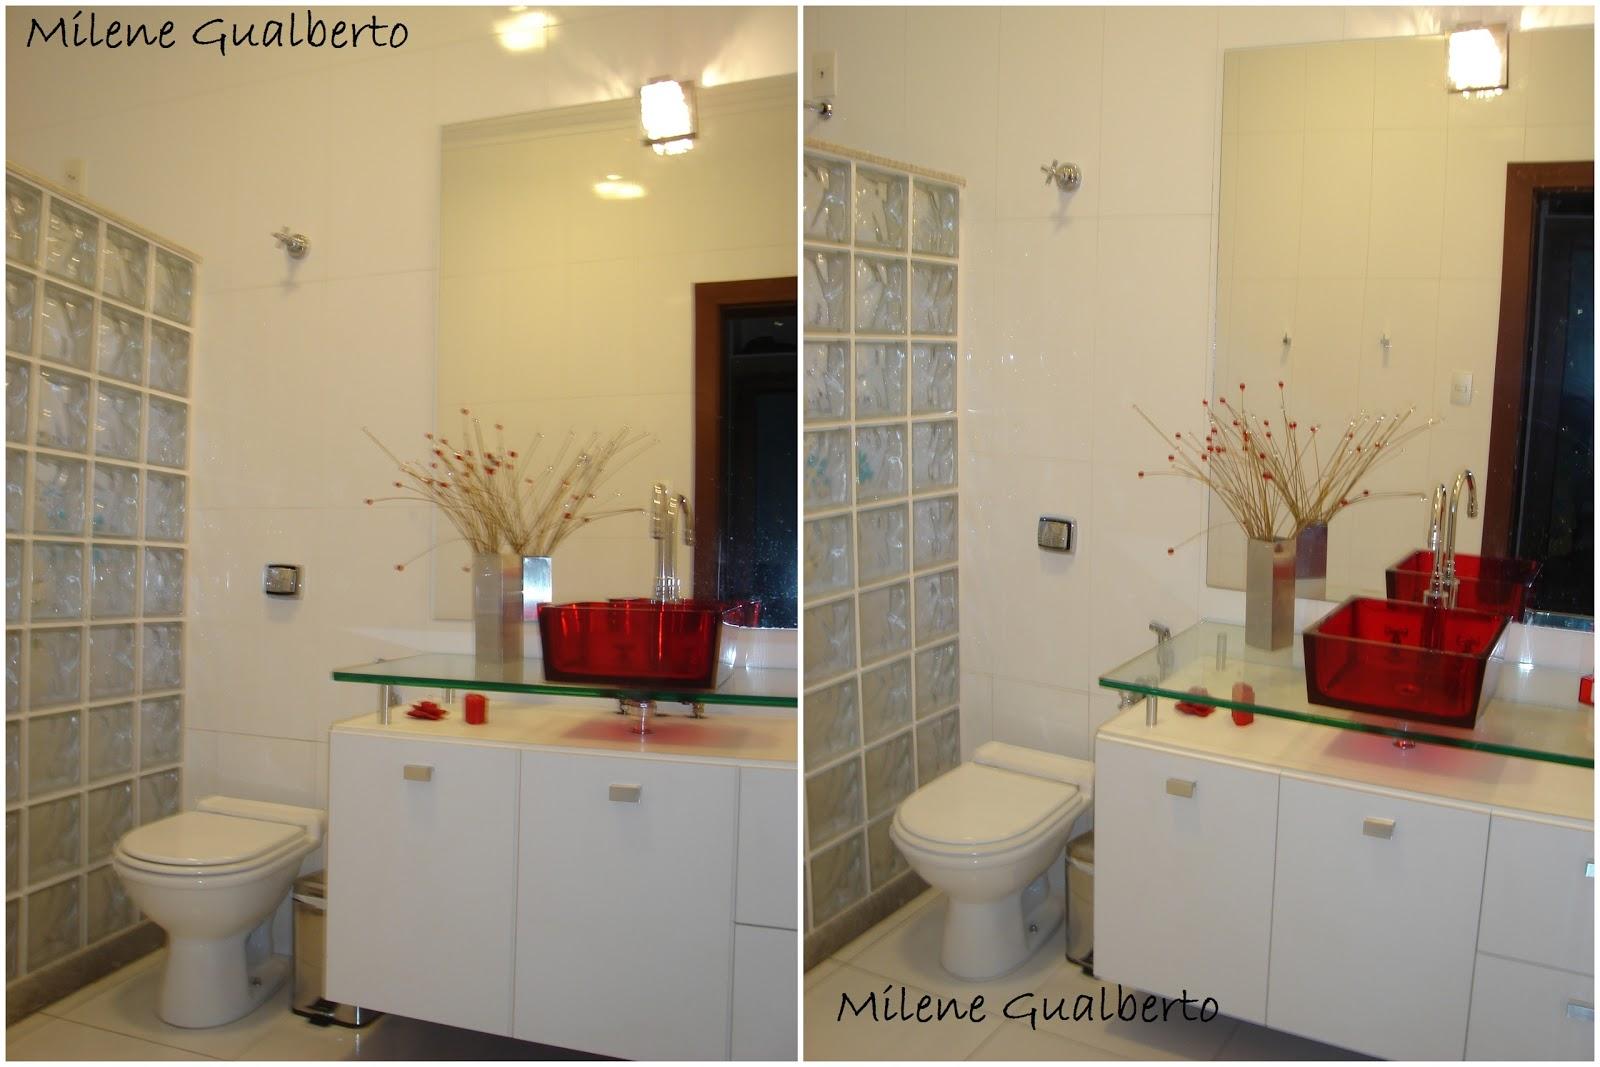 Banheiros Pequenos Com Tijolos De Vidro  homefiresafetykitcom banheiros com -> Decoracao De Banheiro Com Tijolos De Vidro